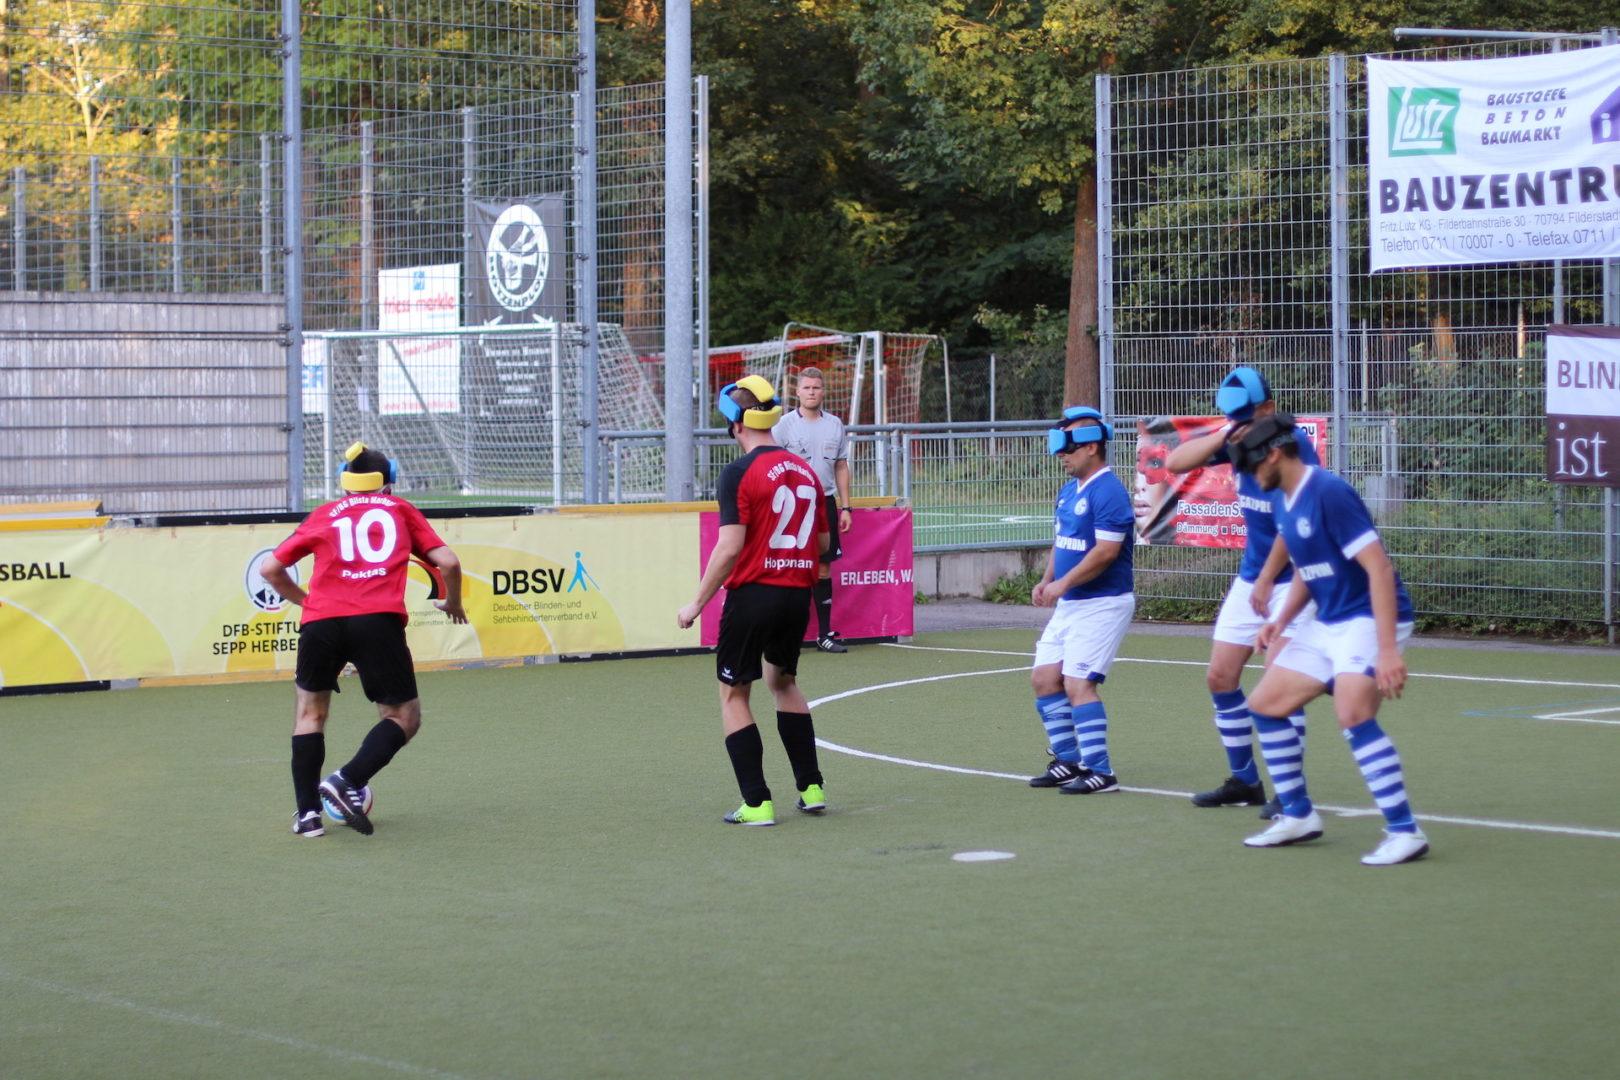 Anlauf im Express: Gleich fünfmal wirbelte Alican Pektas die Abwehr des FC Schalke 04 durcheinander. Im Bild dribbelt er links an den Abwehrspielern vorbei, Foto: Felix Amrhein.